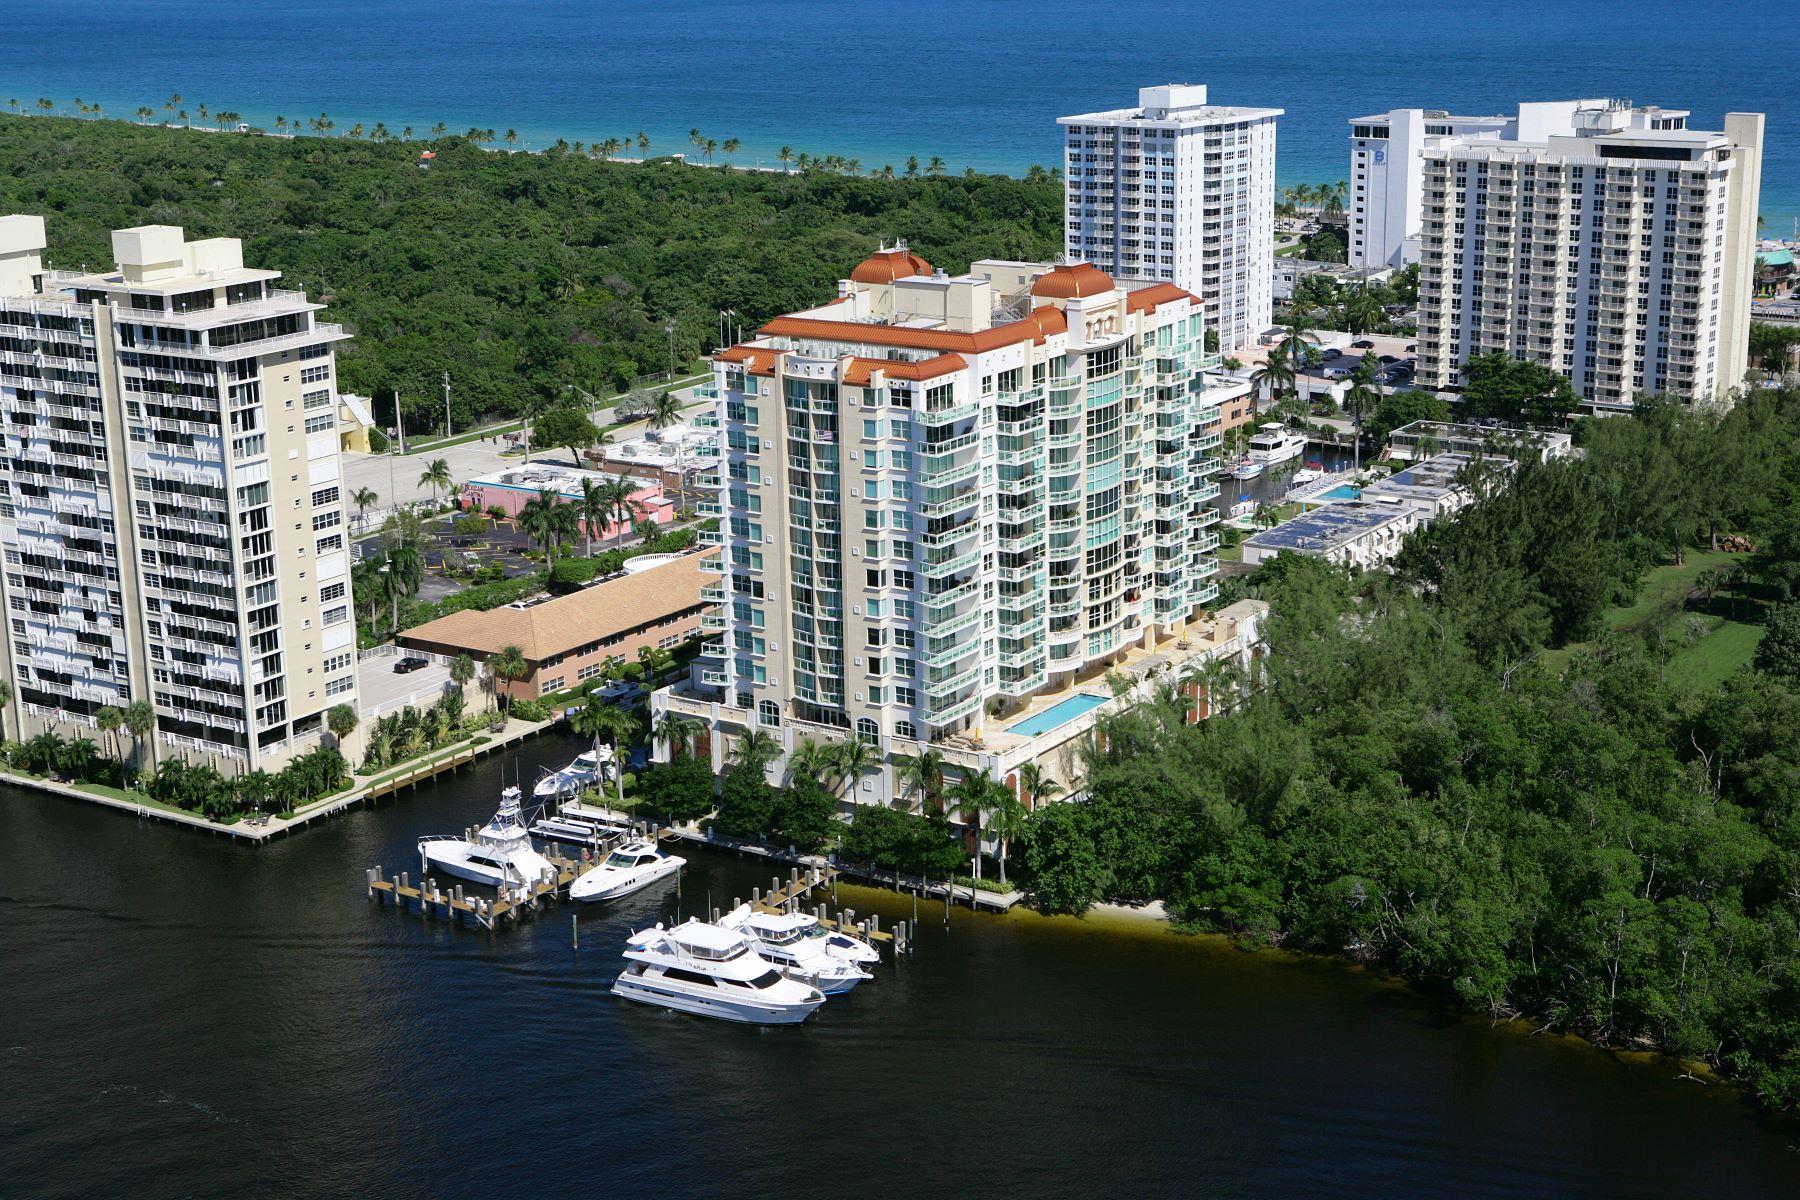 獨棟家庭住宅 為 出售 在 2845 Ne 9th St #602 2845 Ne 9th St 602, Fort Lauderdale, 佛羅里達州, 33304 美國